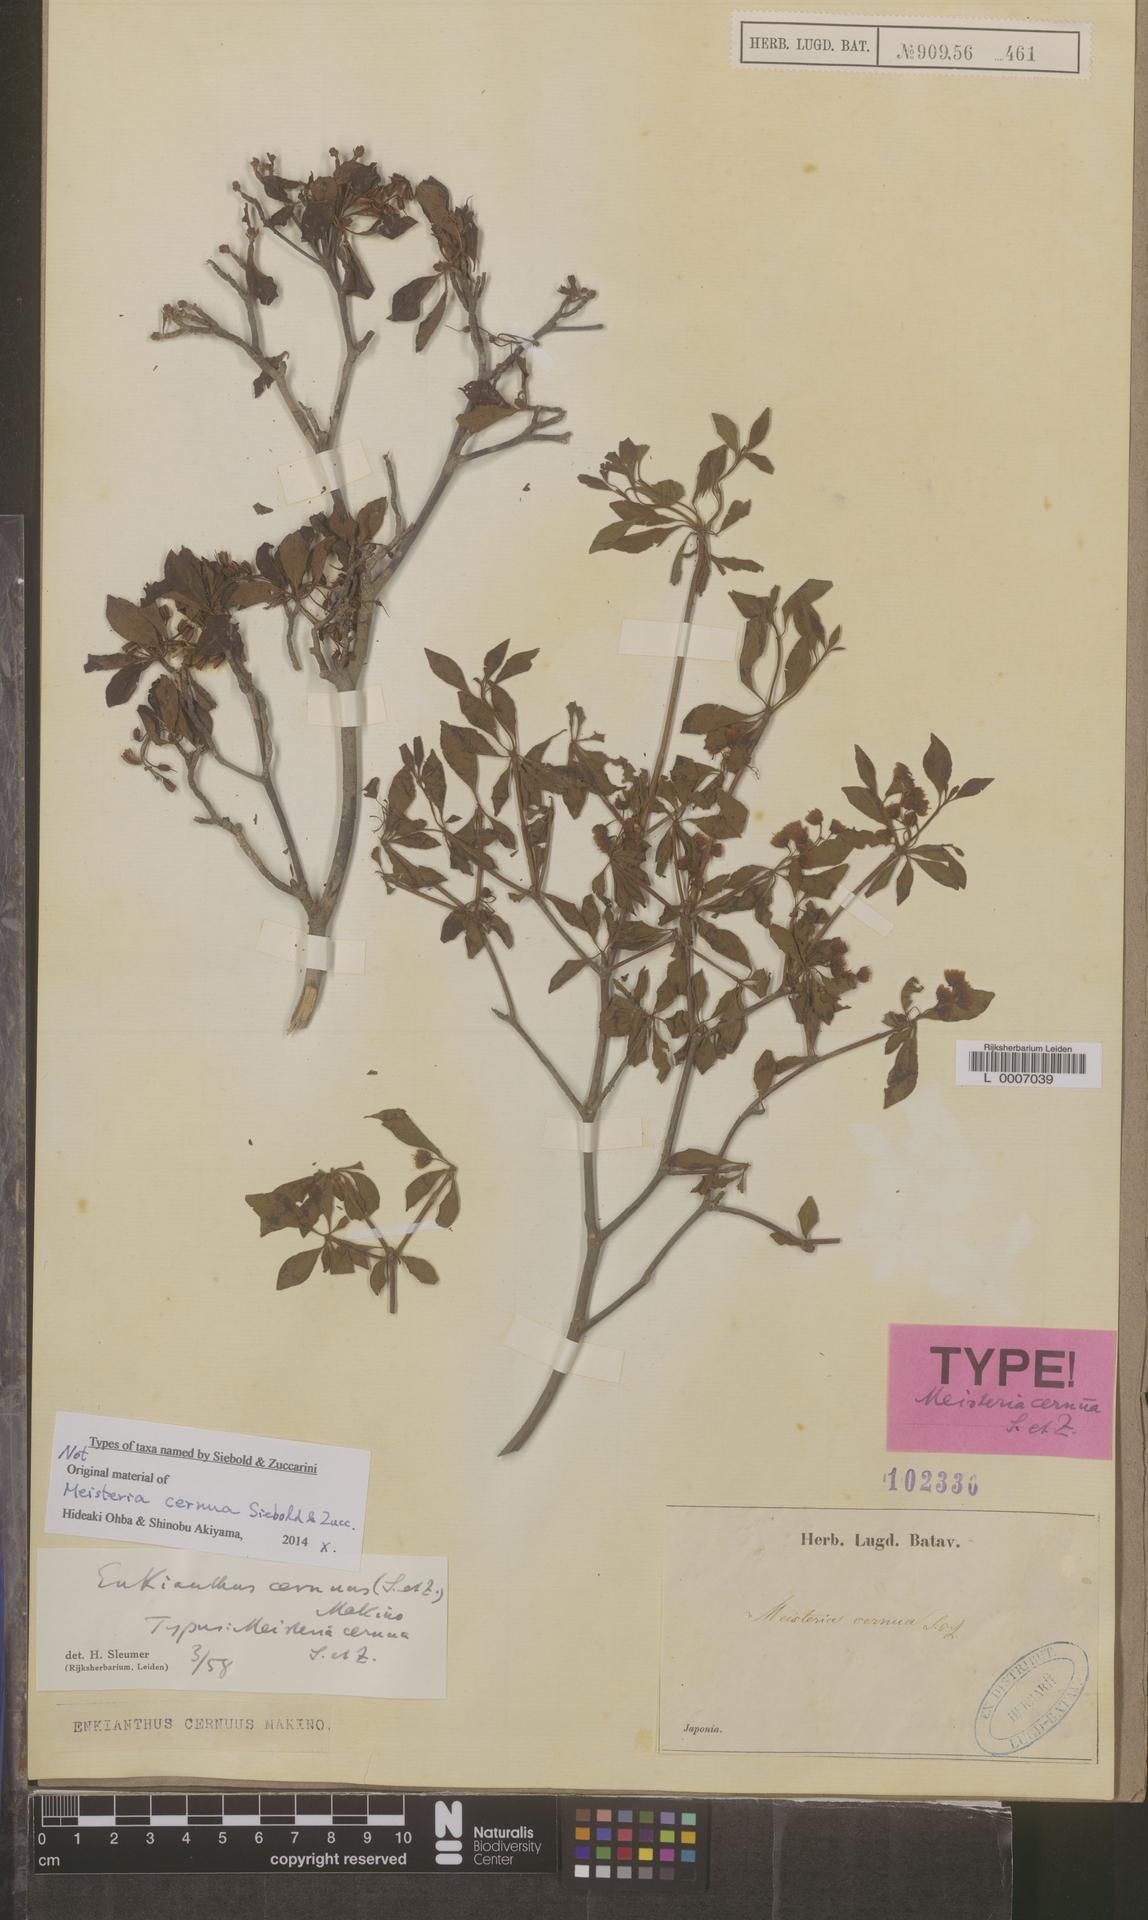 L  0007039 | Enkianthus cernuus (Siebold & Zucc.) Makino